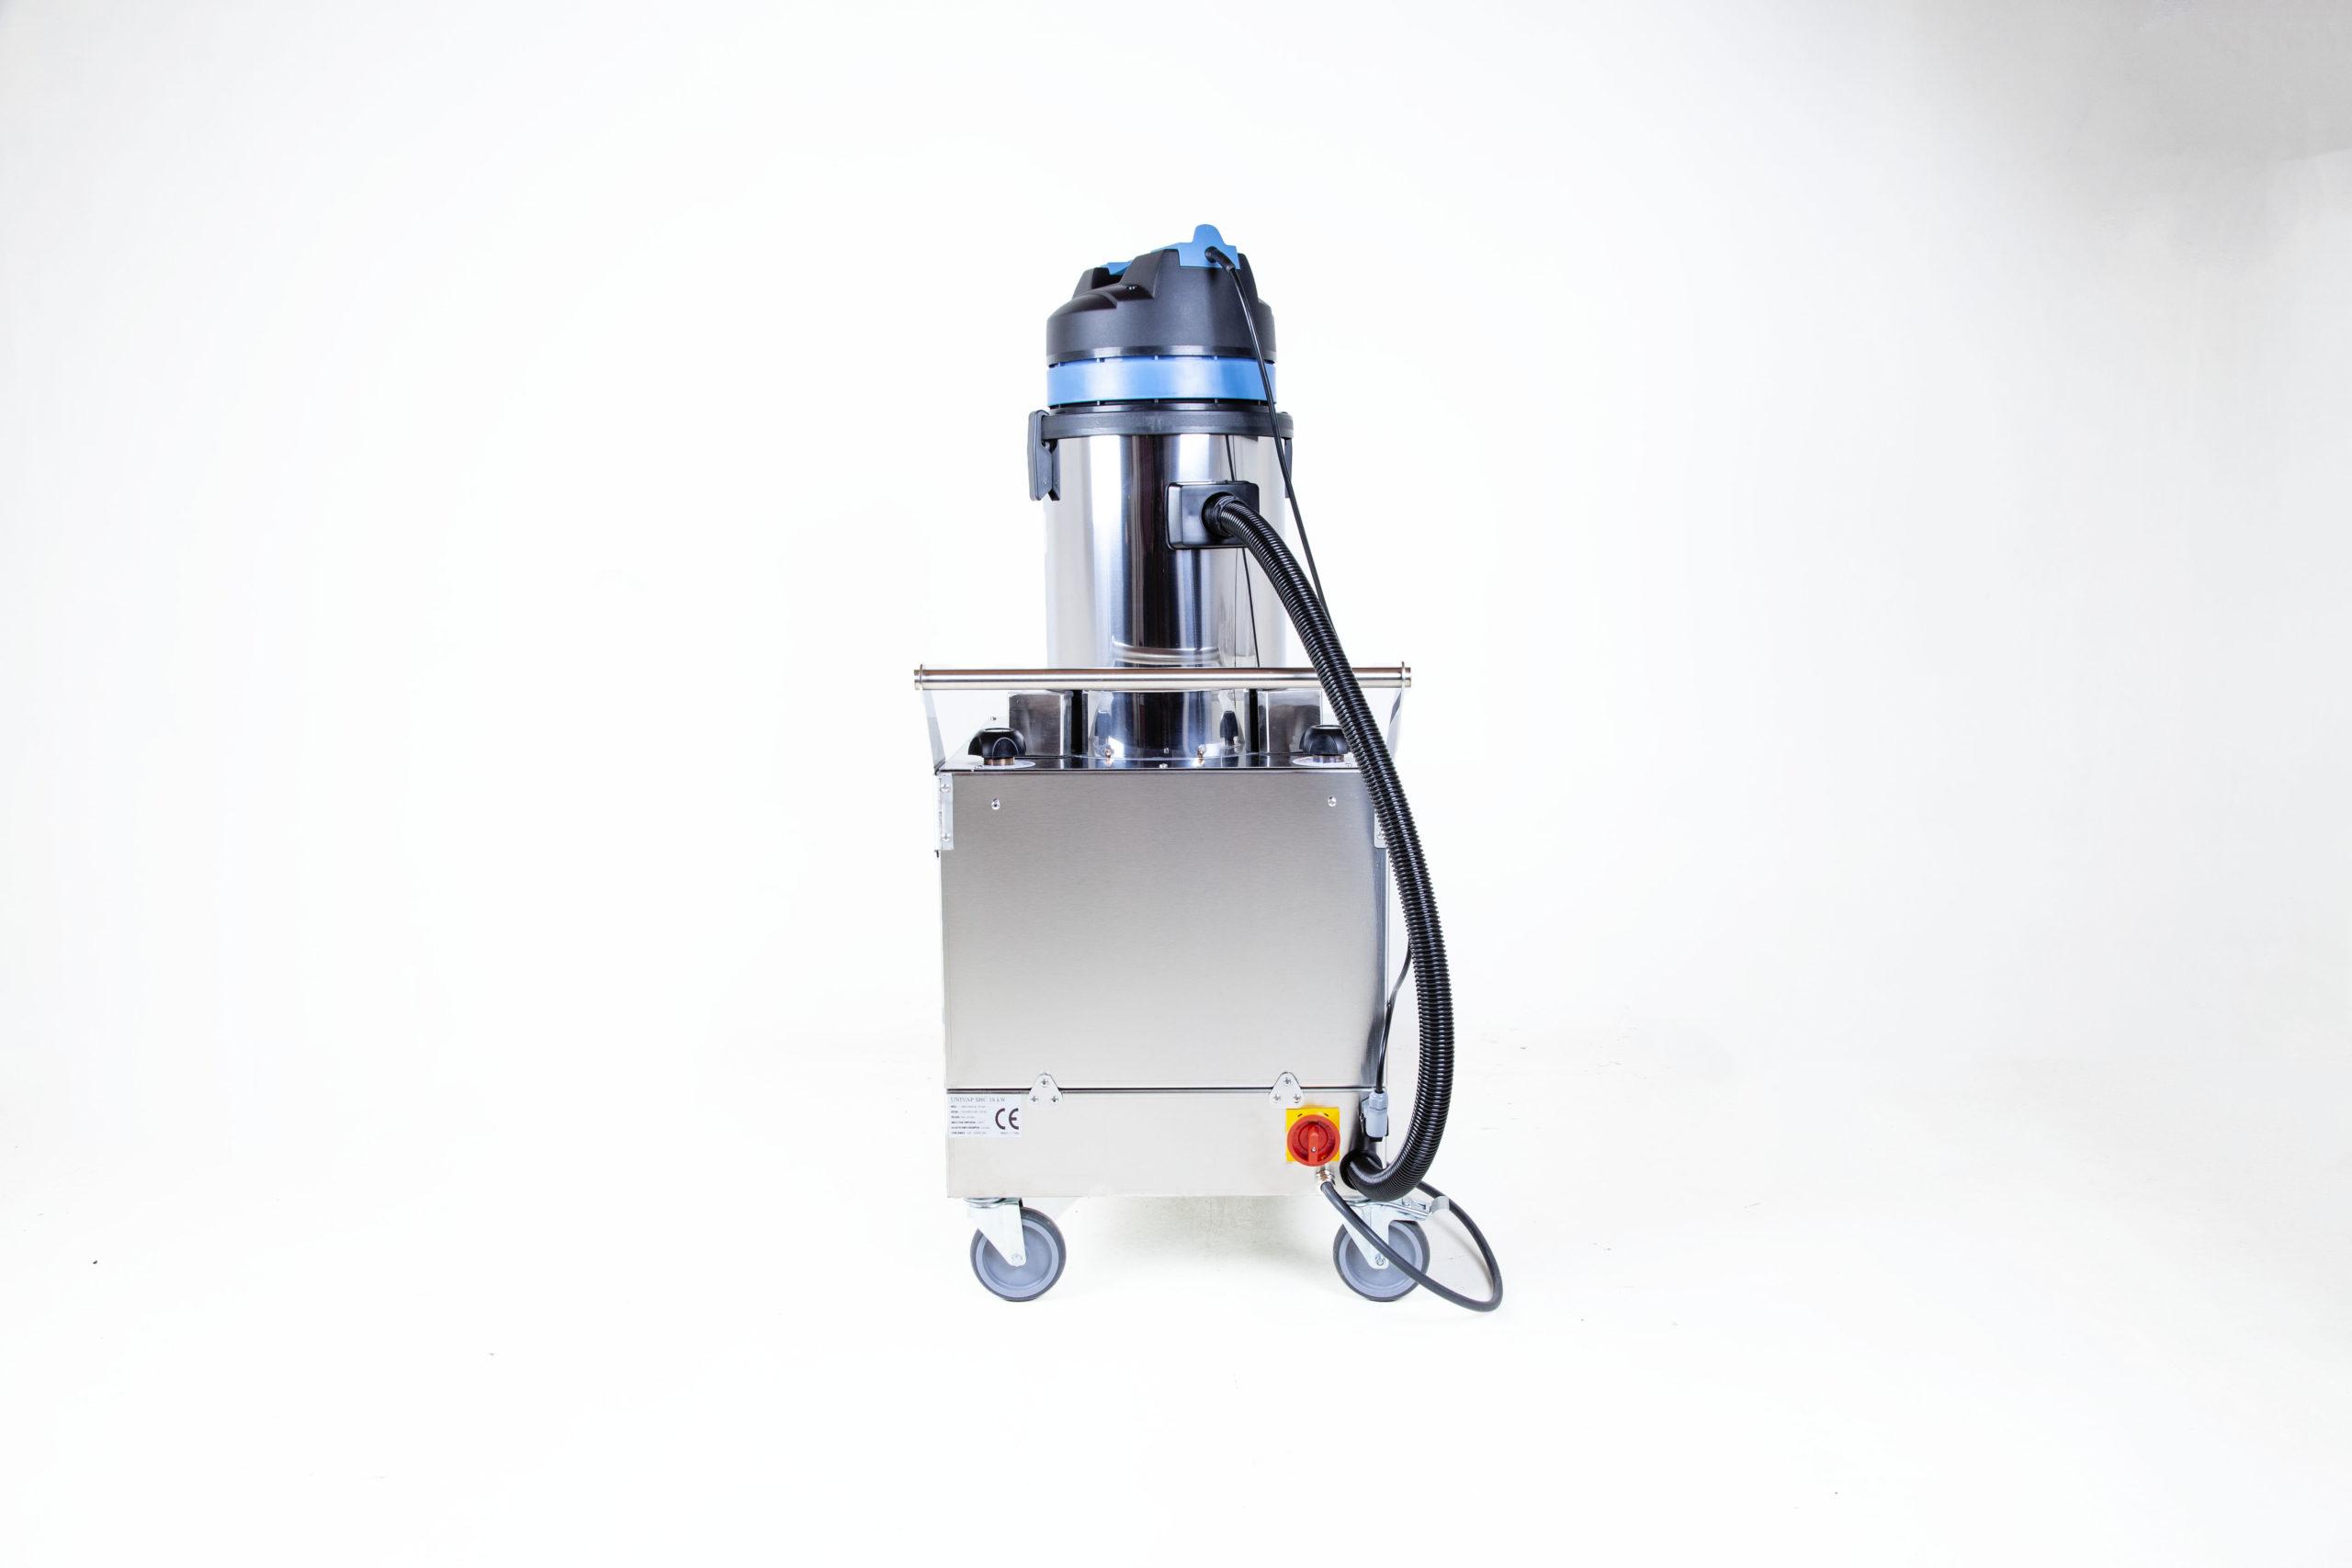 Uni SVC 9-18 Buharlı Temizlik Makinesi Arka Görünüm